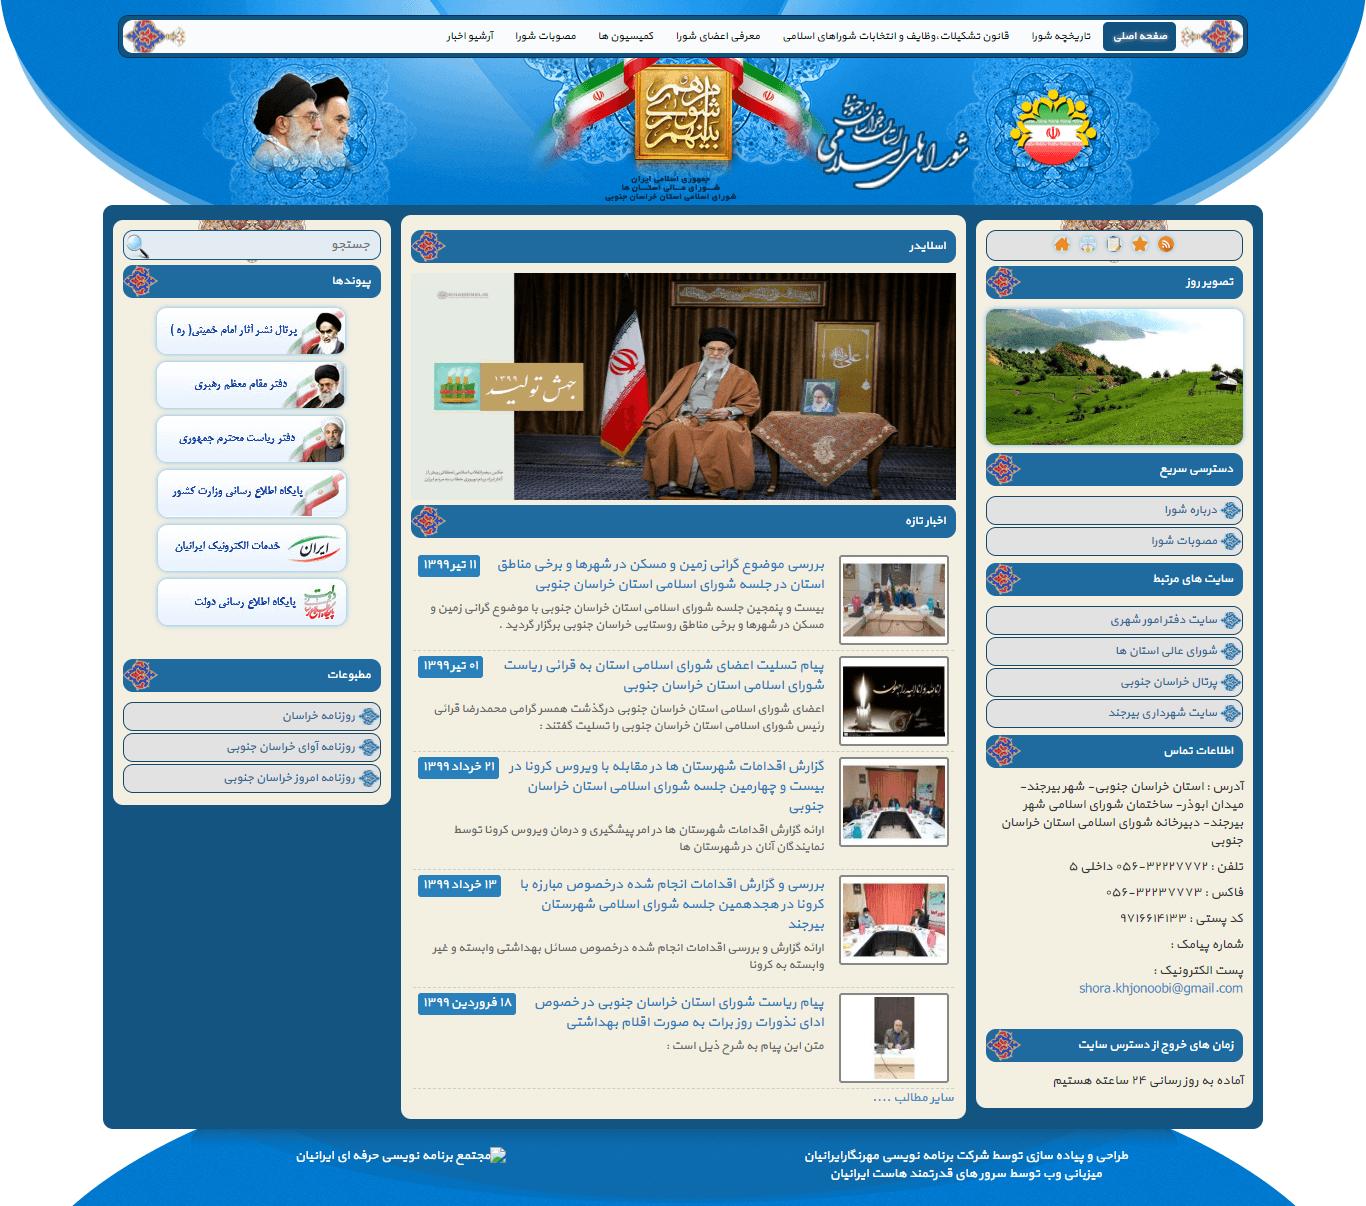 صفحه اصلیپورتال شوراهای اسلامی استان خراسان جنوبی